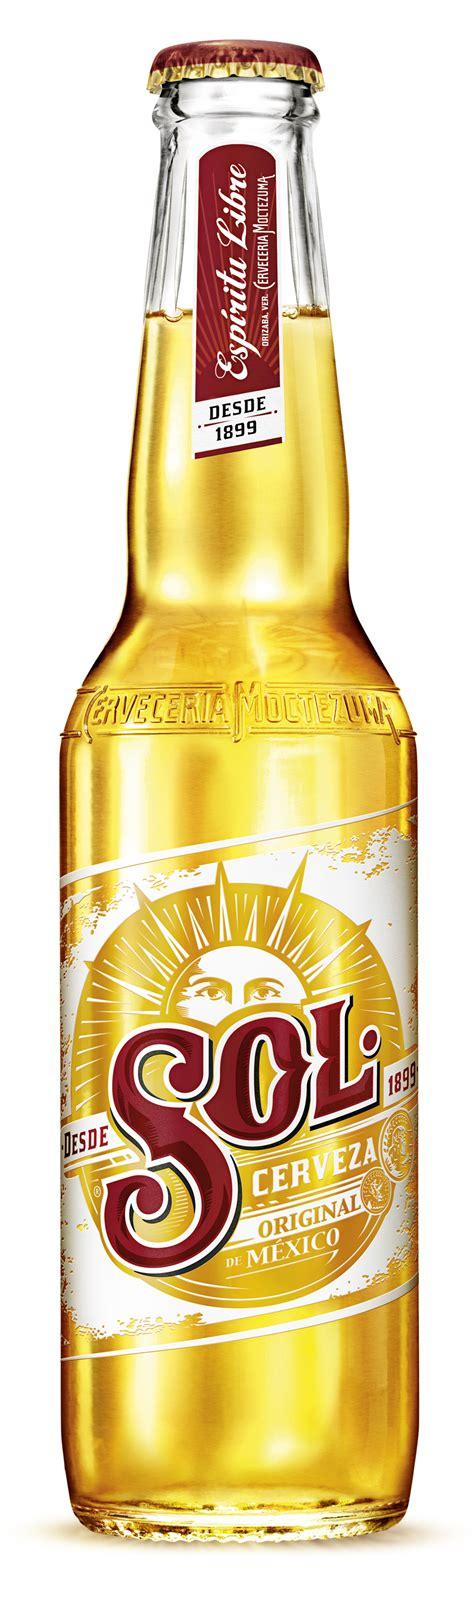 Sol Beer  Brewery International